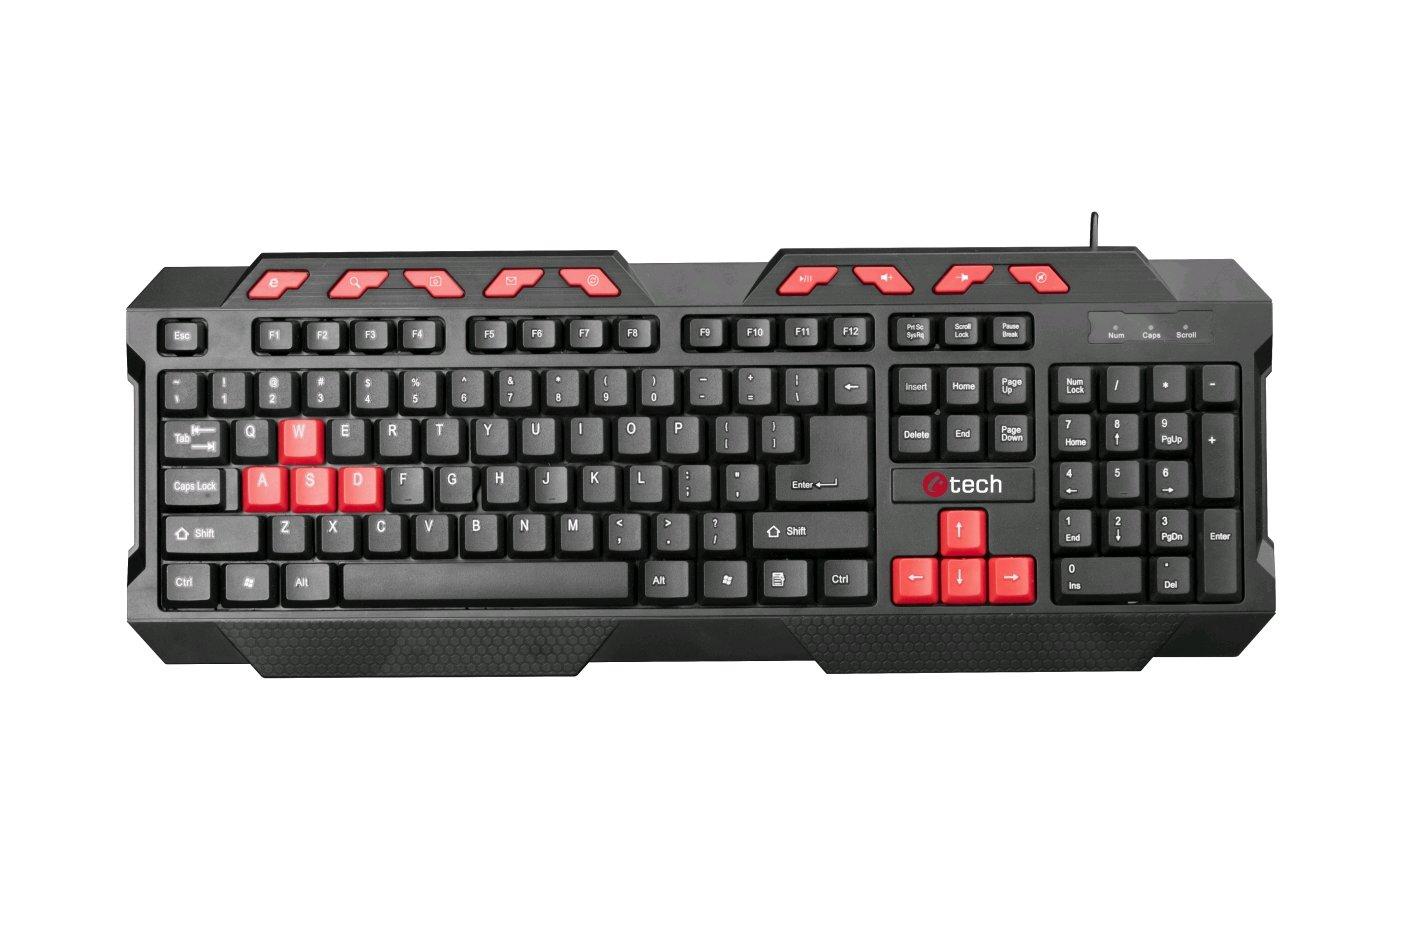 C-TECH klávesnice GMK-102-R, USB, černo-červená, multimediální, CZ/SK